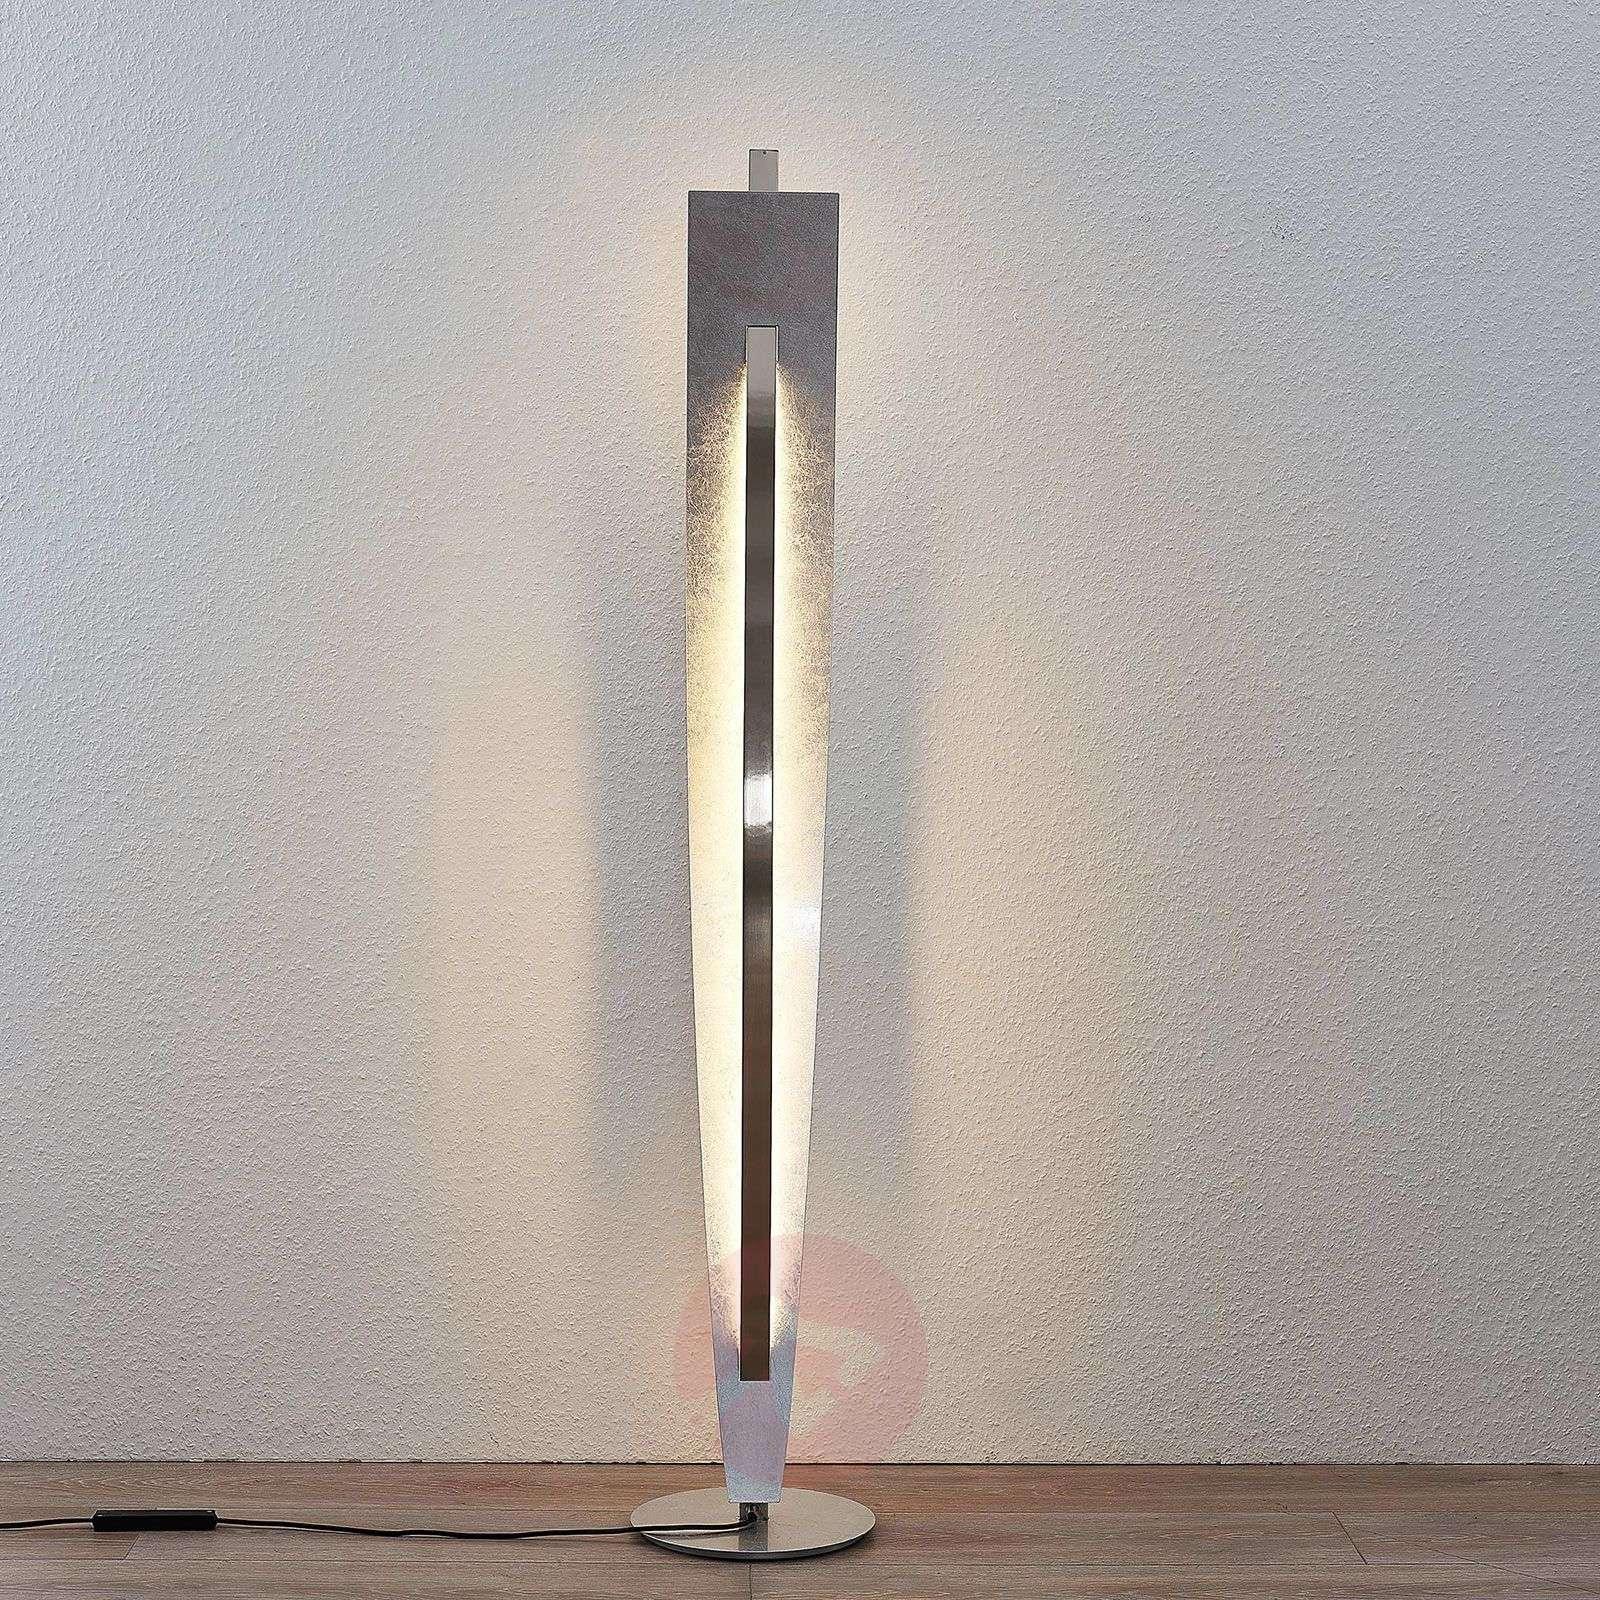 LED-lattiavalaisin Marija, hopeanvärinen-9639118-01